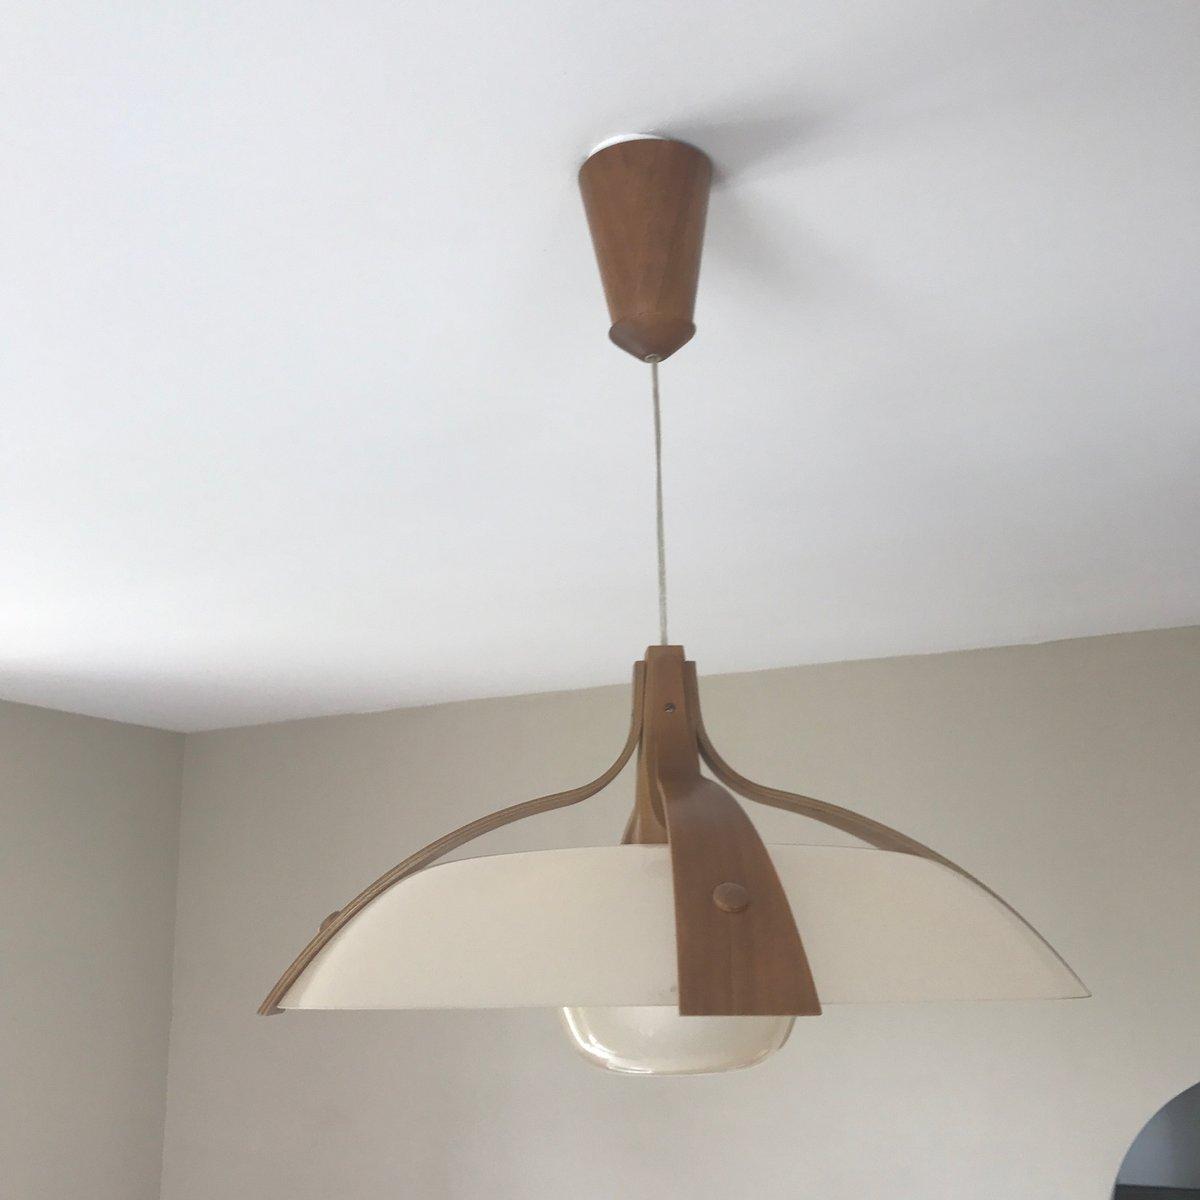 skandinavische deckenlampe 1960er bei pamono kaufen. Black Bedroom Furniture Sets. Home Design Ideas